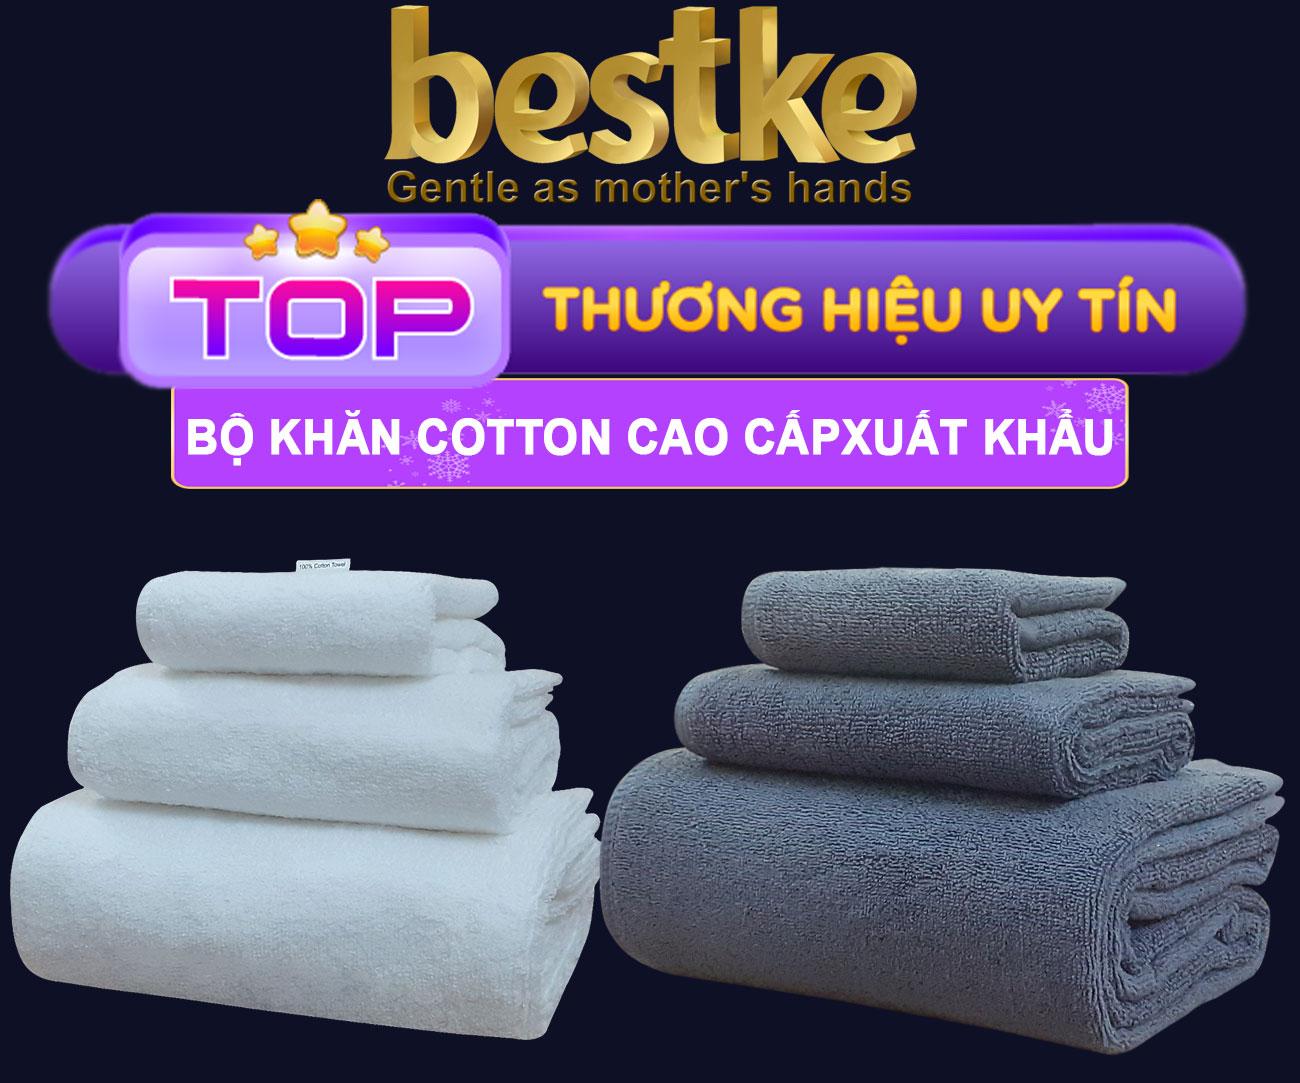 Bestke Khăn Mặt 100% Cotton, Mềm Mại và Siêu Thấm Hút Nước , Set 5 cái KT 28cm*48cm/cái, Màu cafe sữa, towel factory